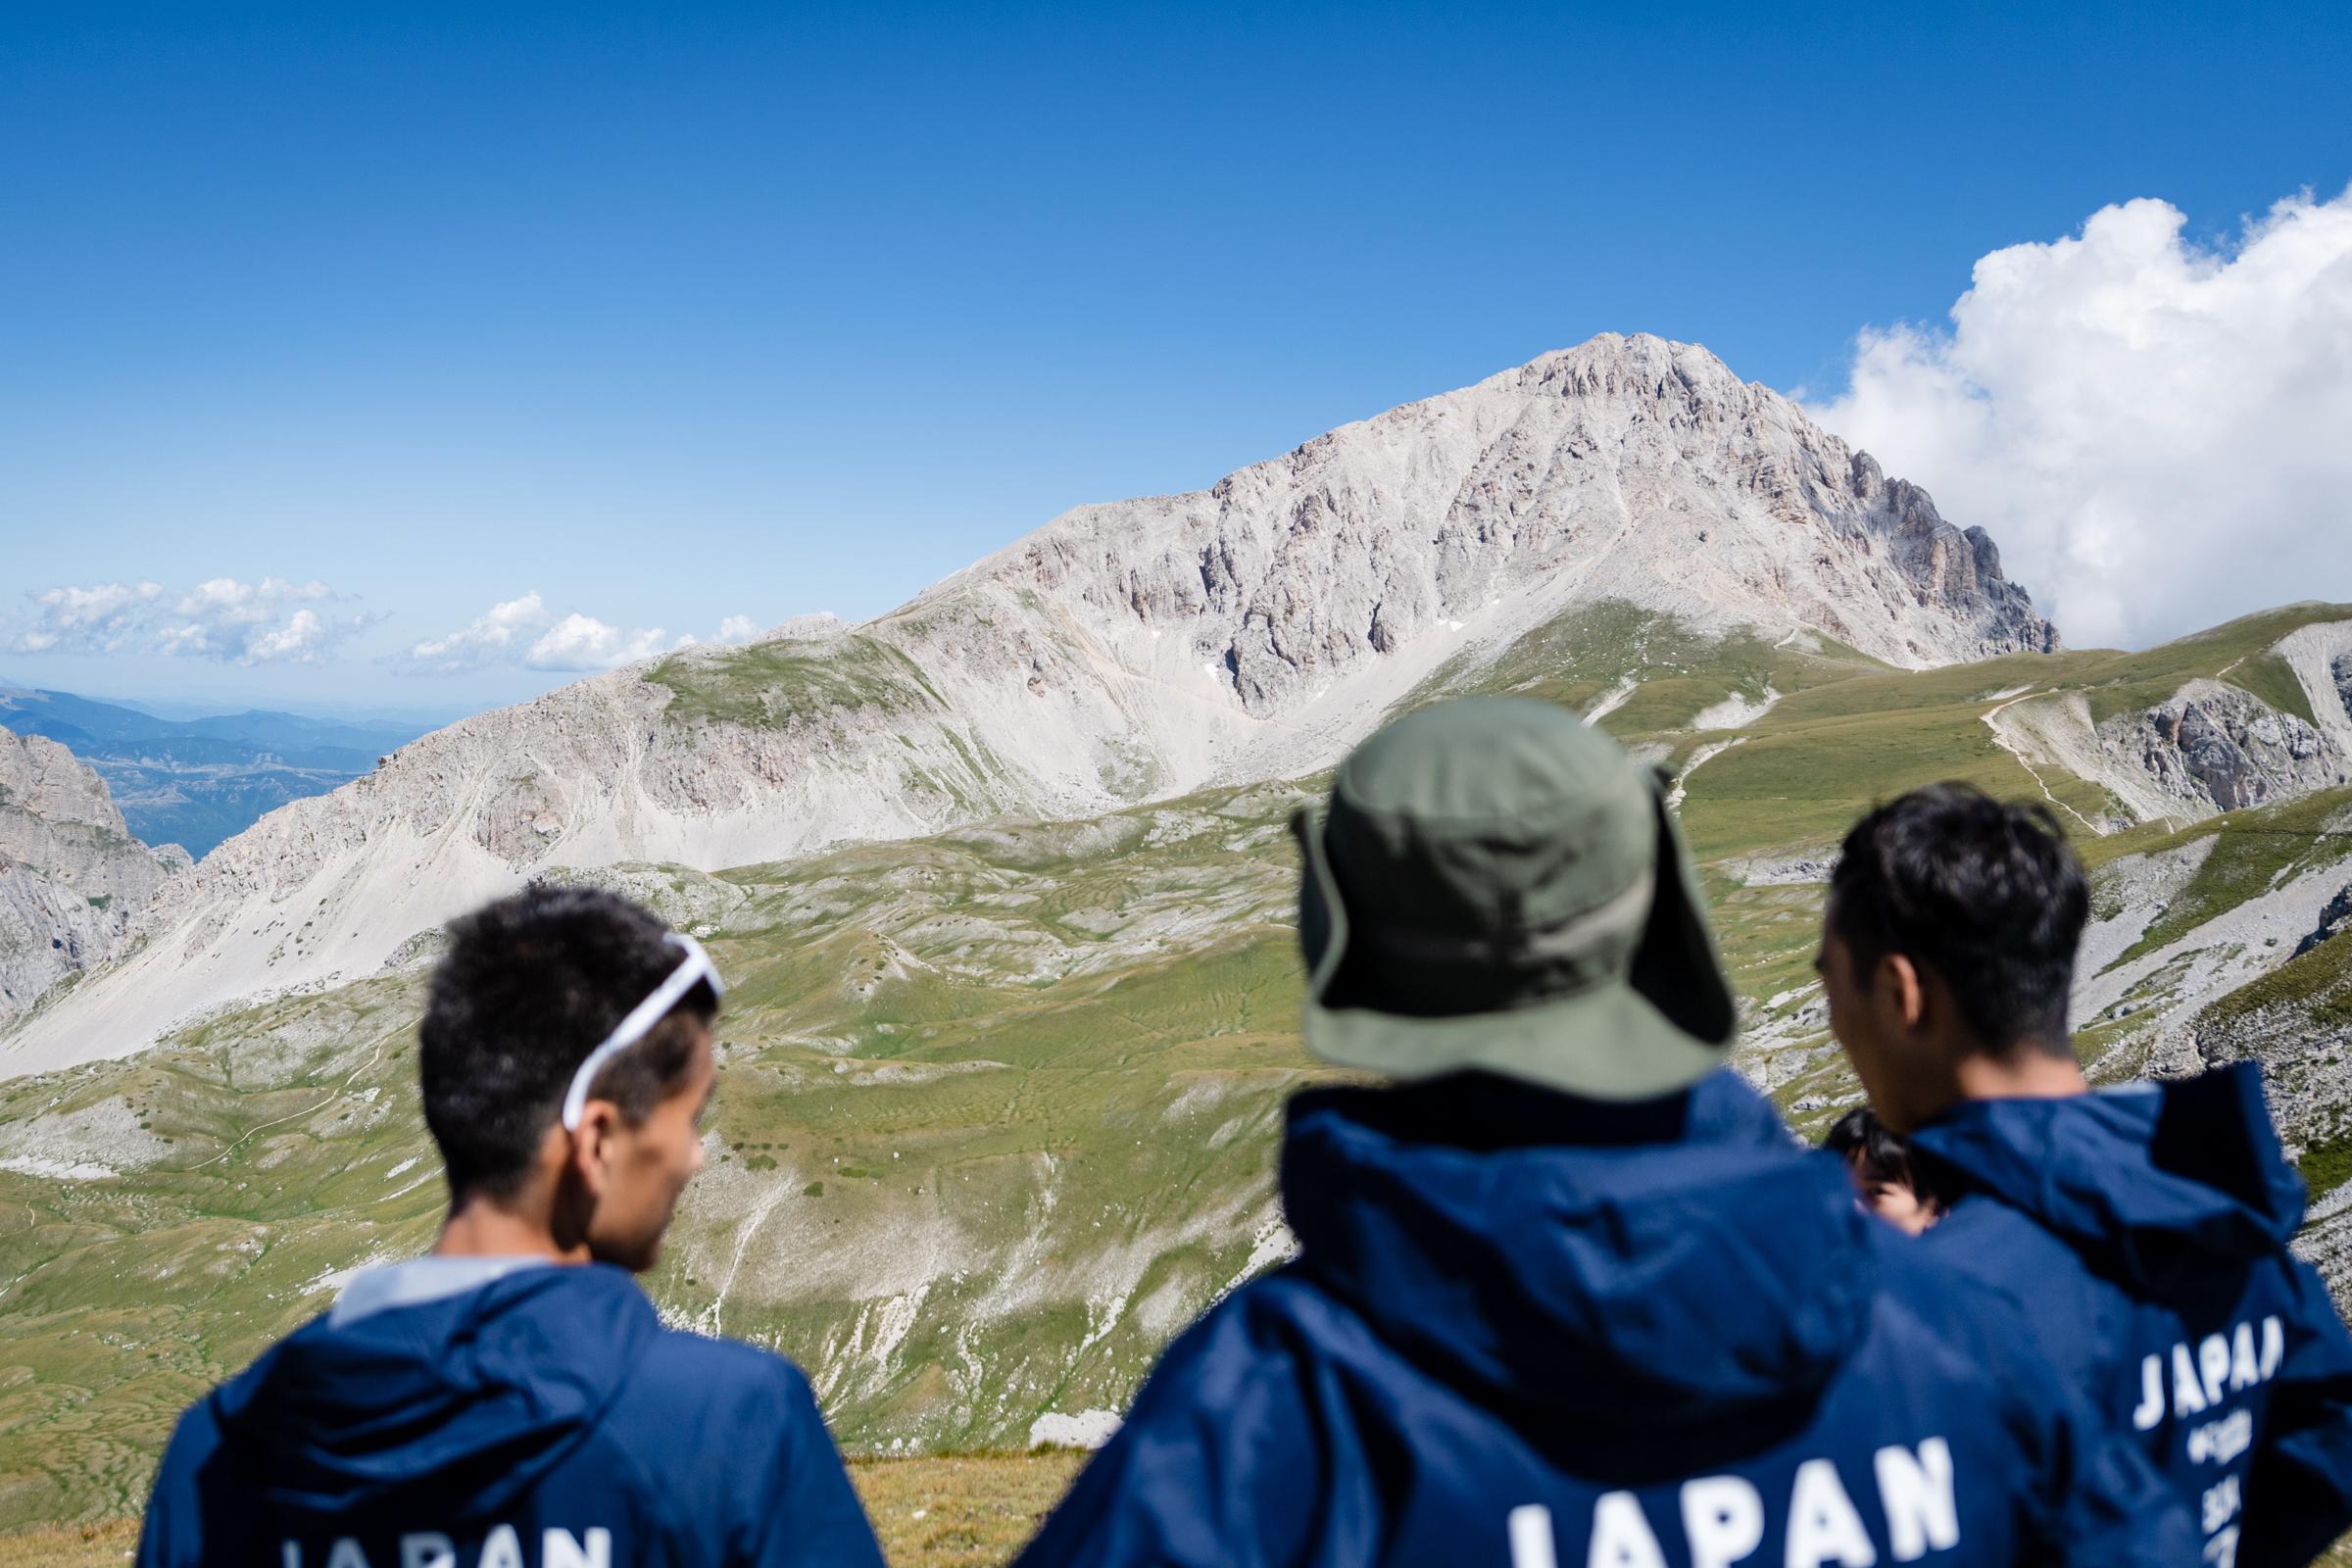 イタリア半島最高峰・グランサッソを望む ©NAGI MUROFUSHI